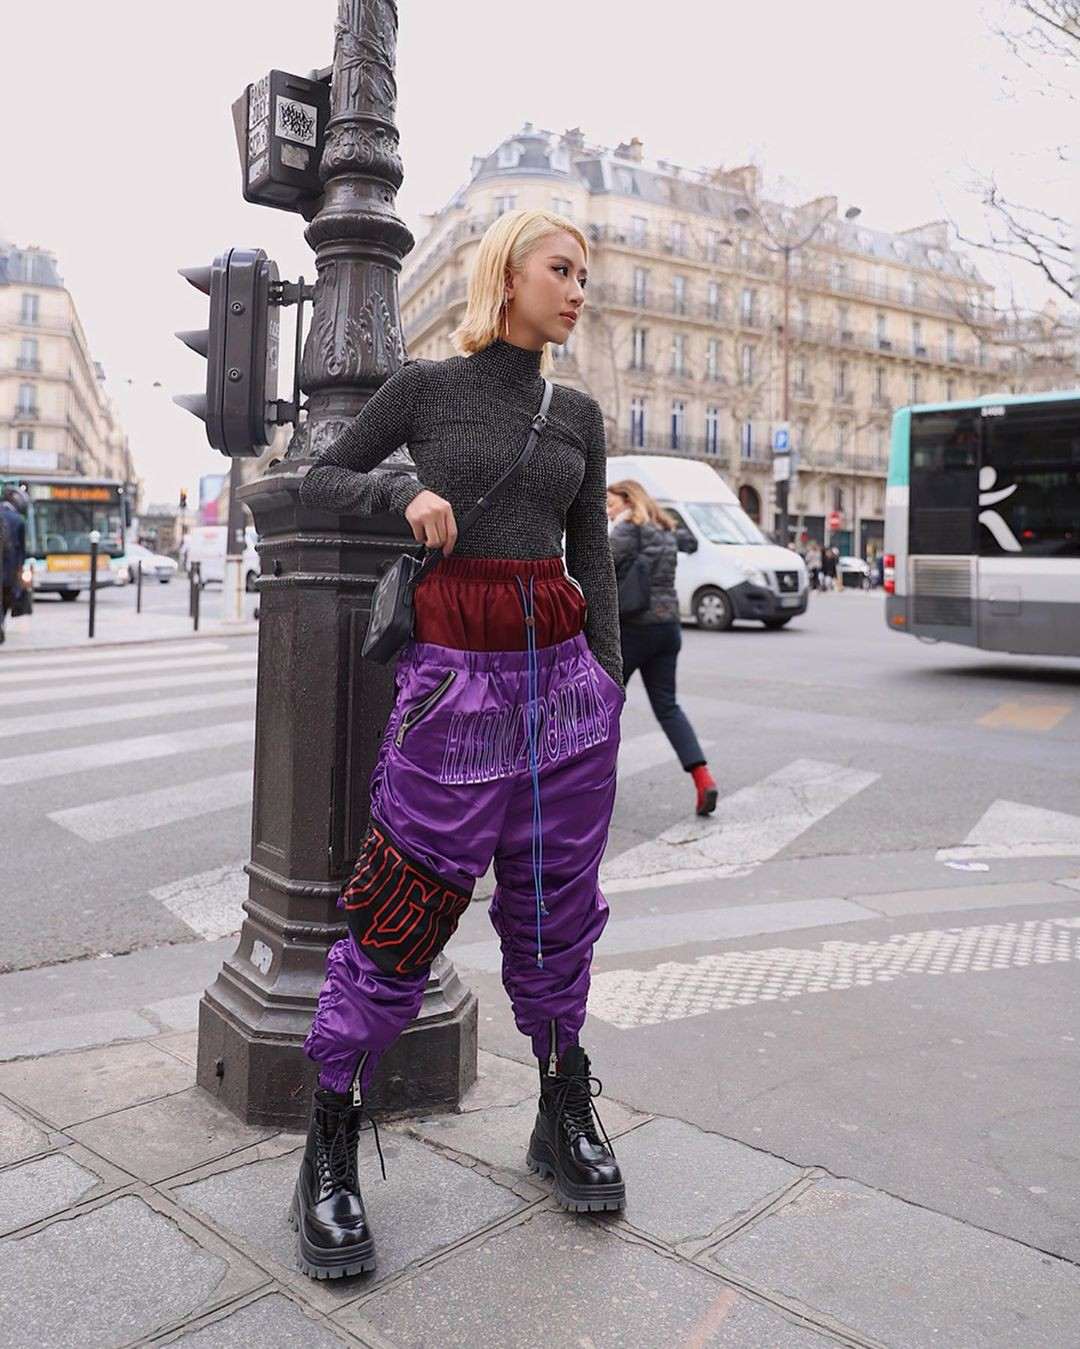 Xét khoản mặc dị tại Paris Fashion Week mùa này, Quỳnh Anh Shyn mà nhận hạng 2 chắc không ai dám làm số 1 - Ảnh 8.